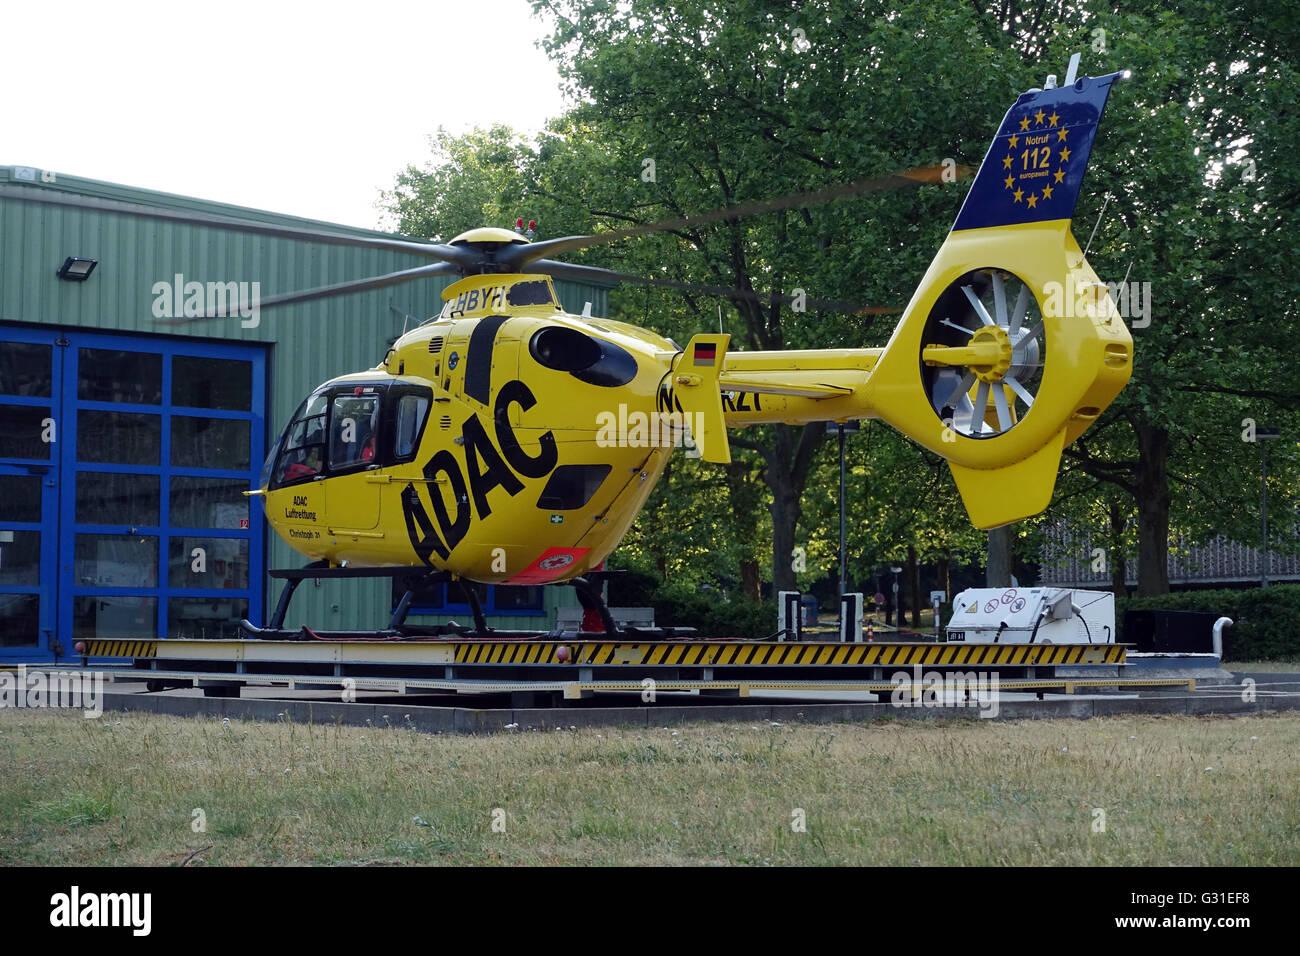 L Elicottero Posizione : Berlino germania adac salvataggio in elicottero christoph in